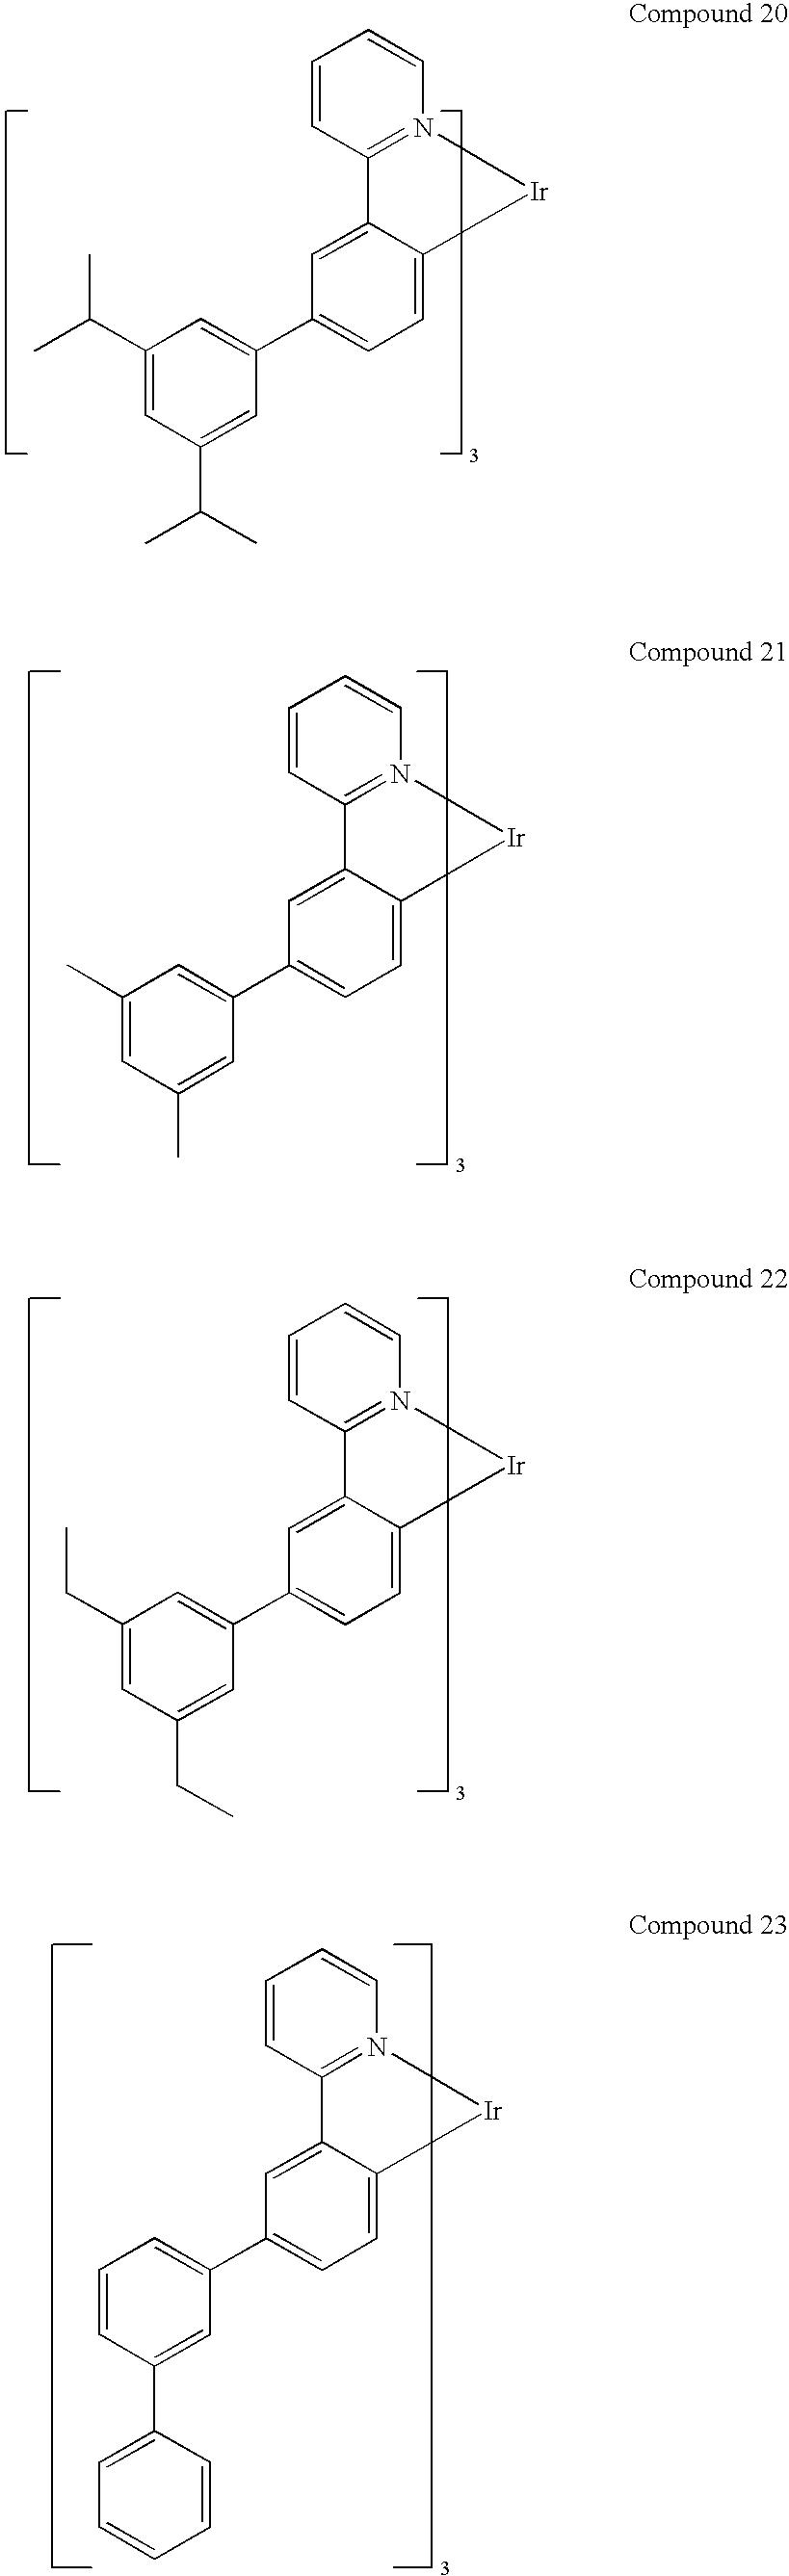 Figure US20090108737A1-20090430-C00246